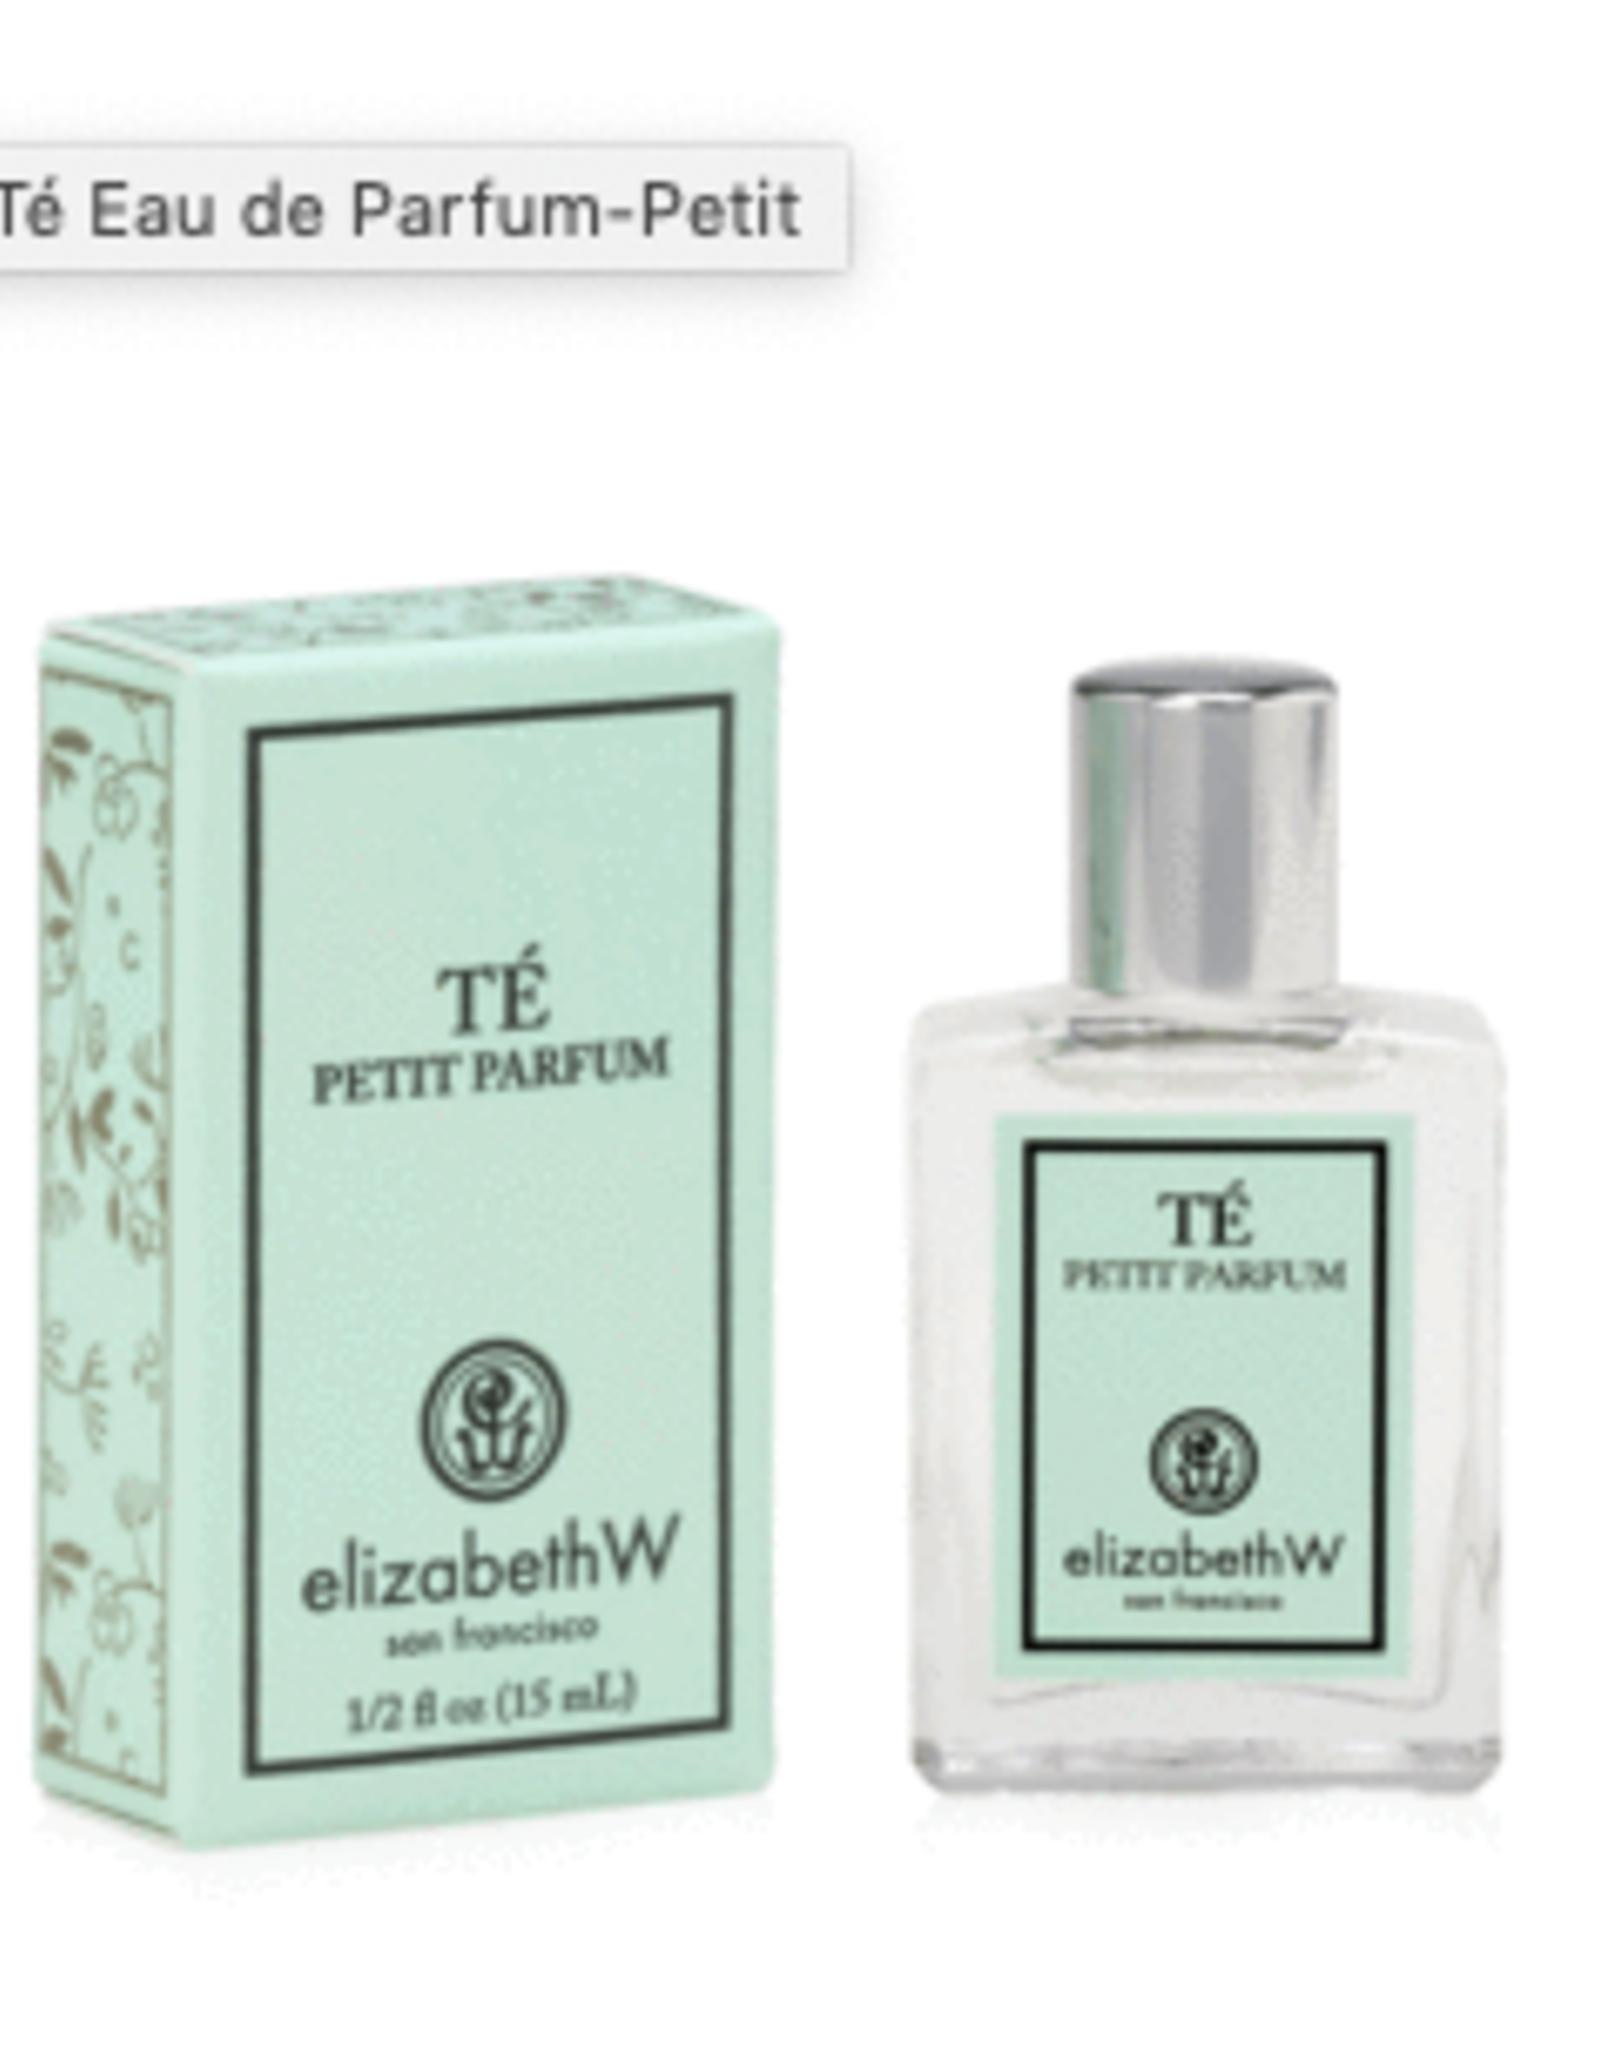 Elizabeth W Té Eau de Parfum-Petit